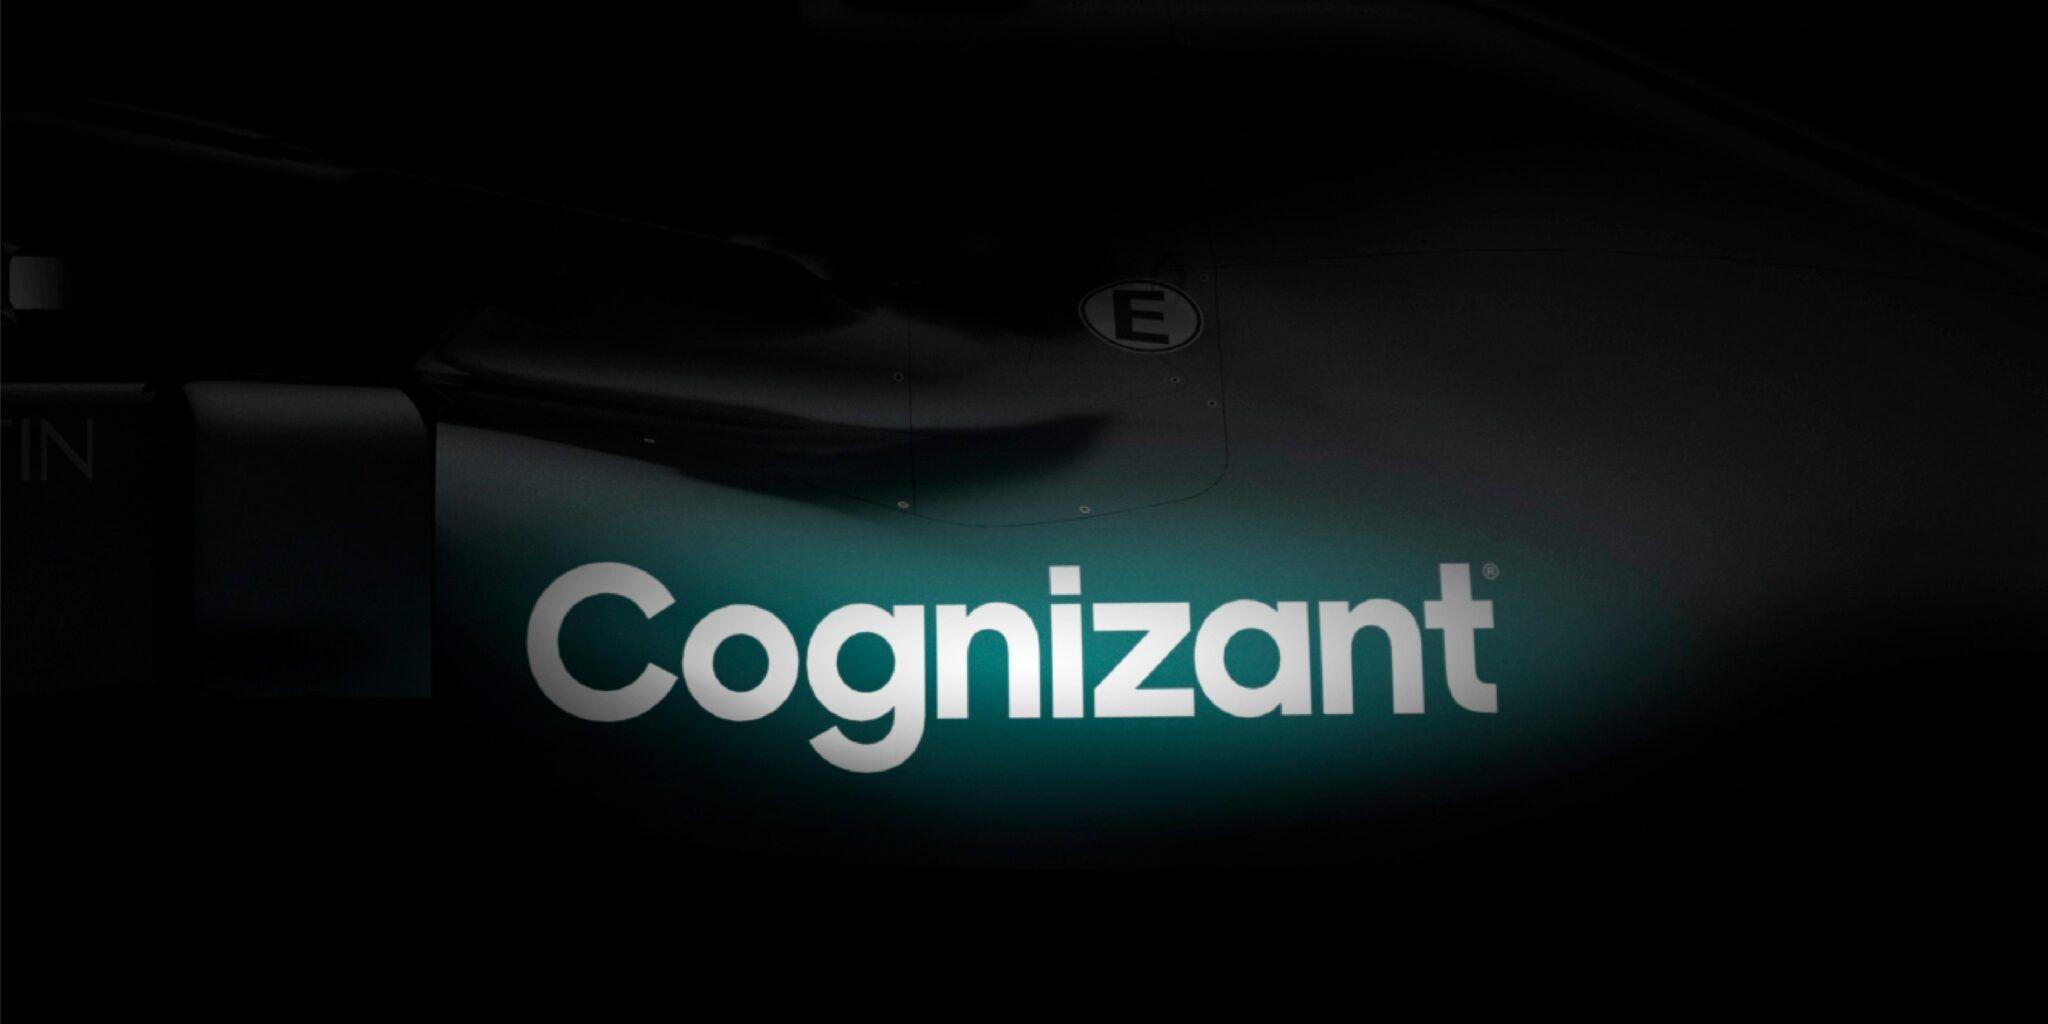 aston-martin-1 cognizant